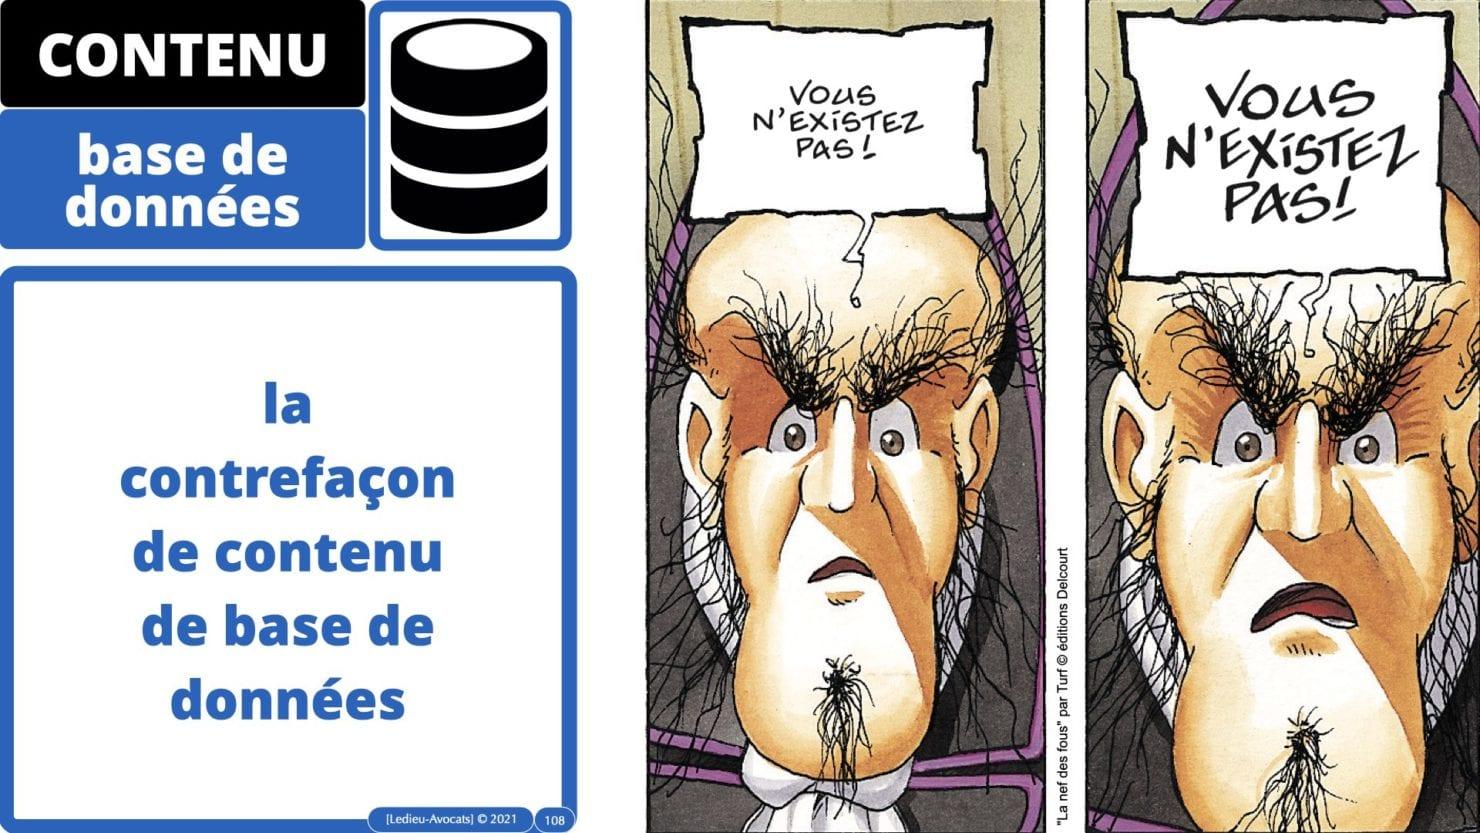 334 extraction indexation BASE DE DONNEES © Ledieu-avocat 24-05-2021.108